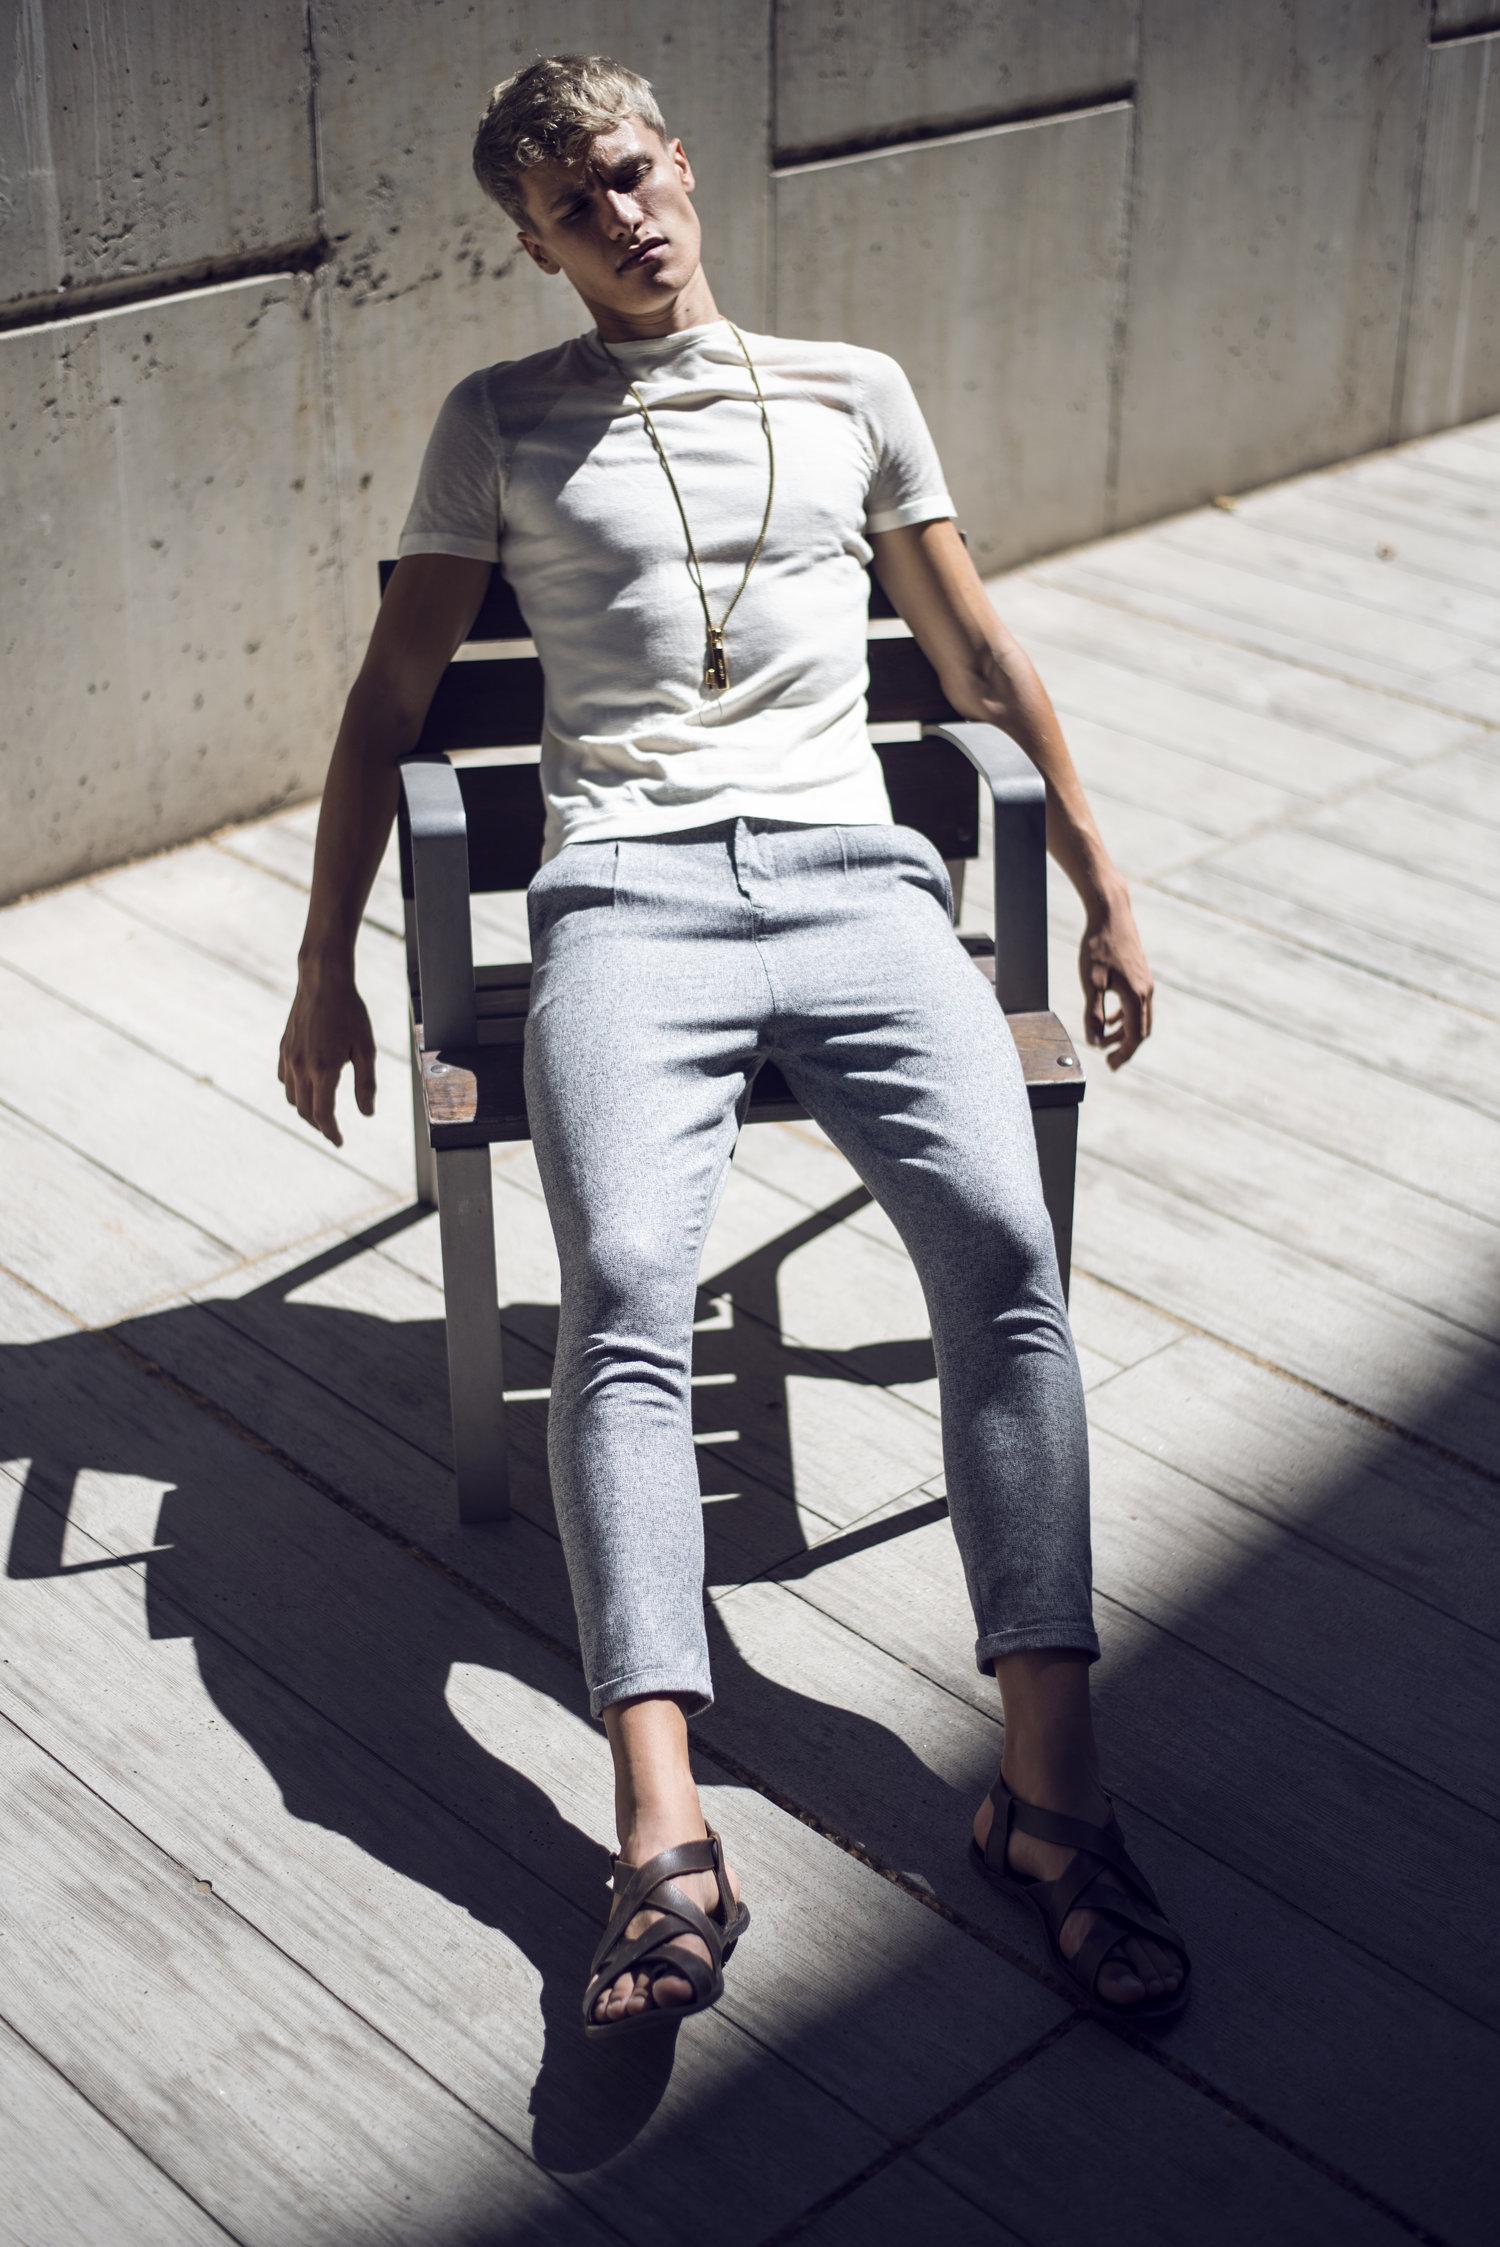 Adon Exclusive: Model Oliver van Veen By Christoffer Wiklöw